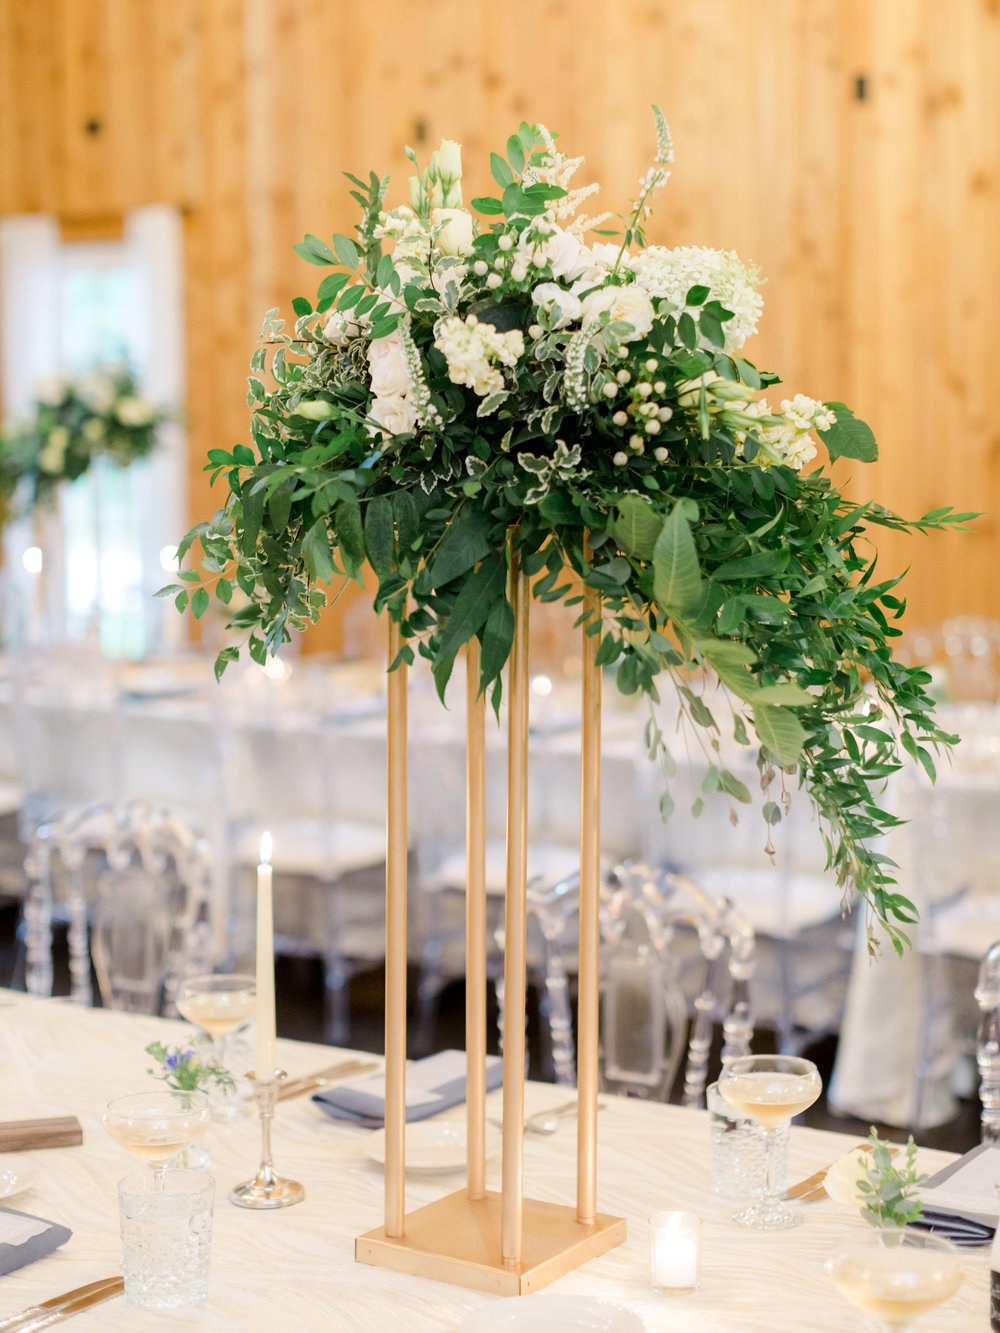 Kristen-Michael-Wedding-Details-098.jpg